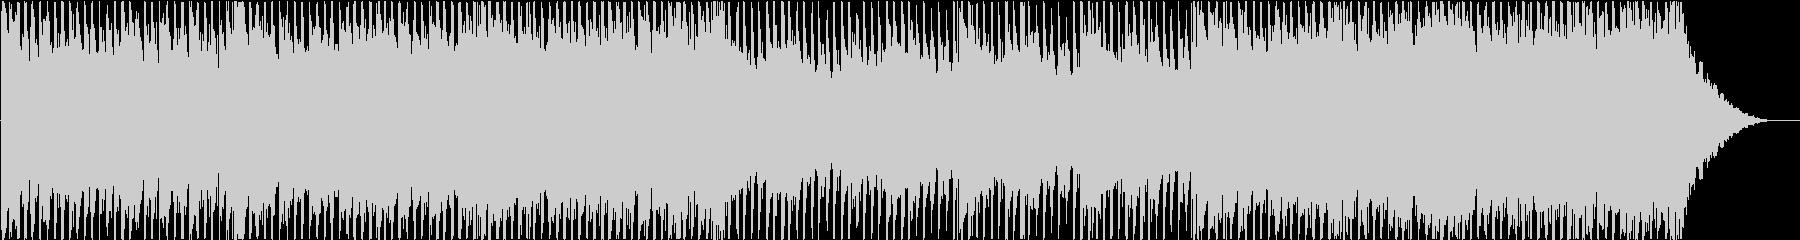 ポップ、ロック、コーポレートの未再生の波形